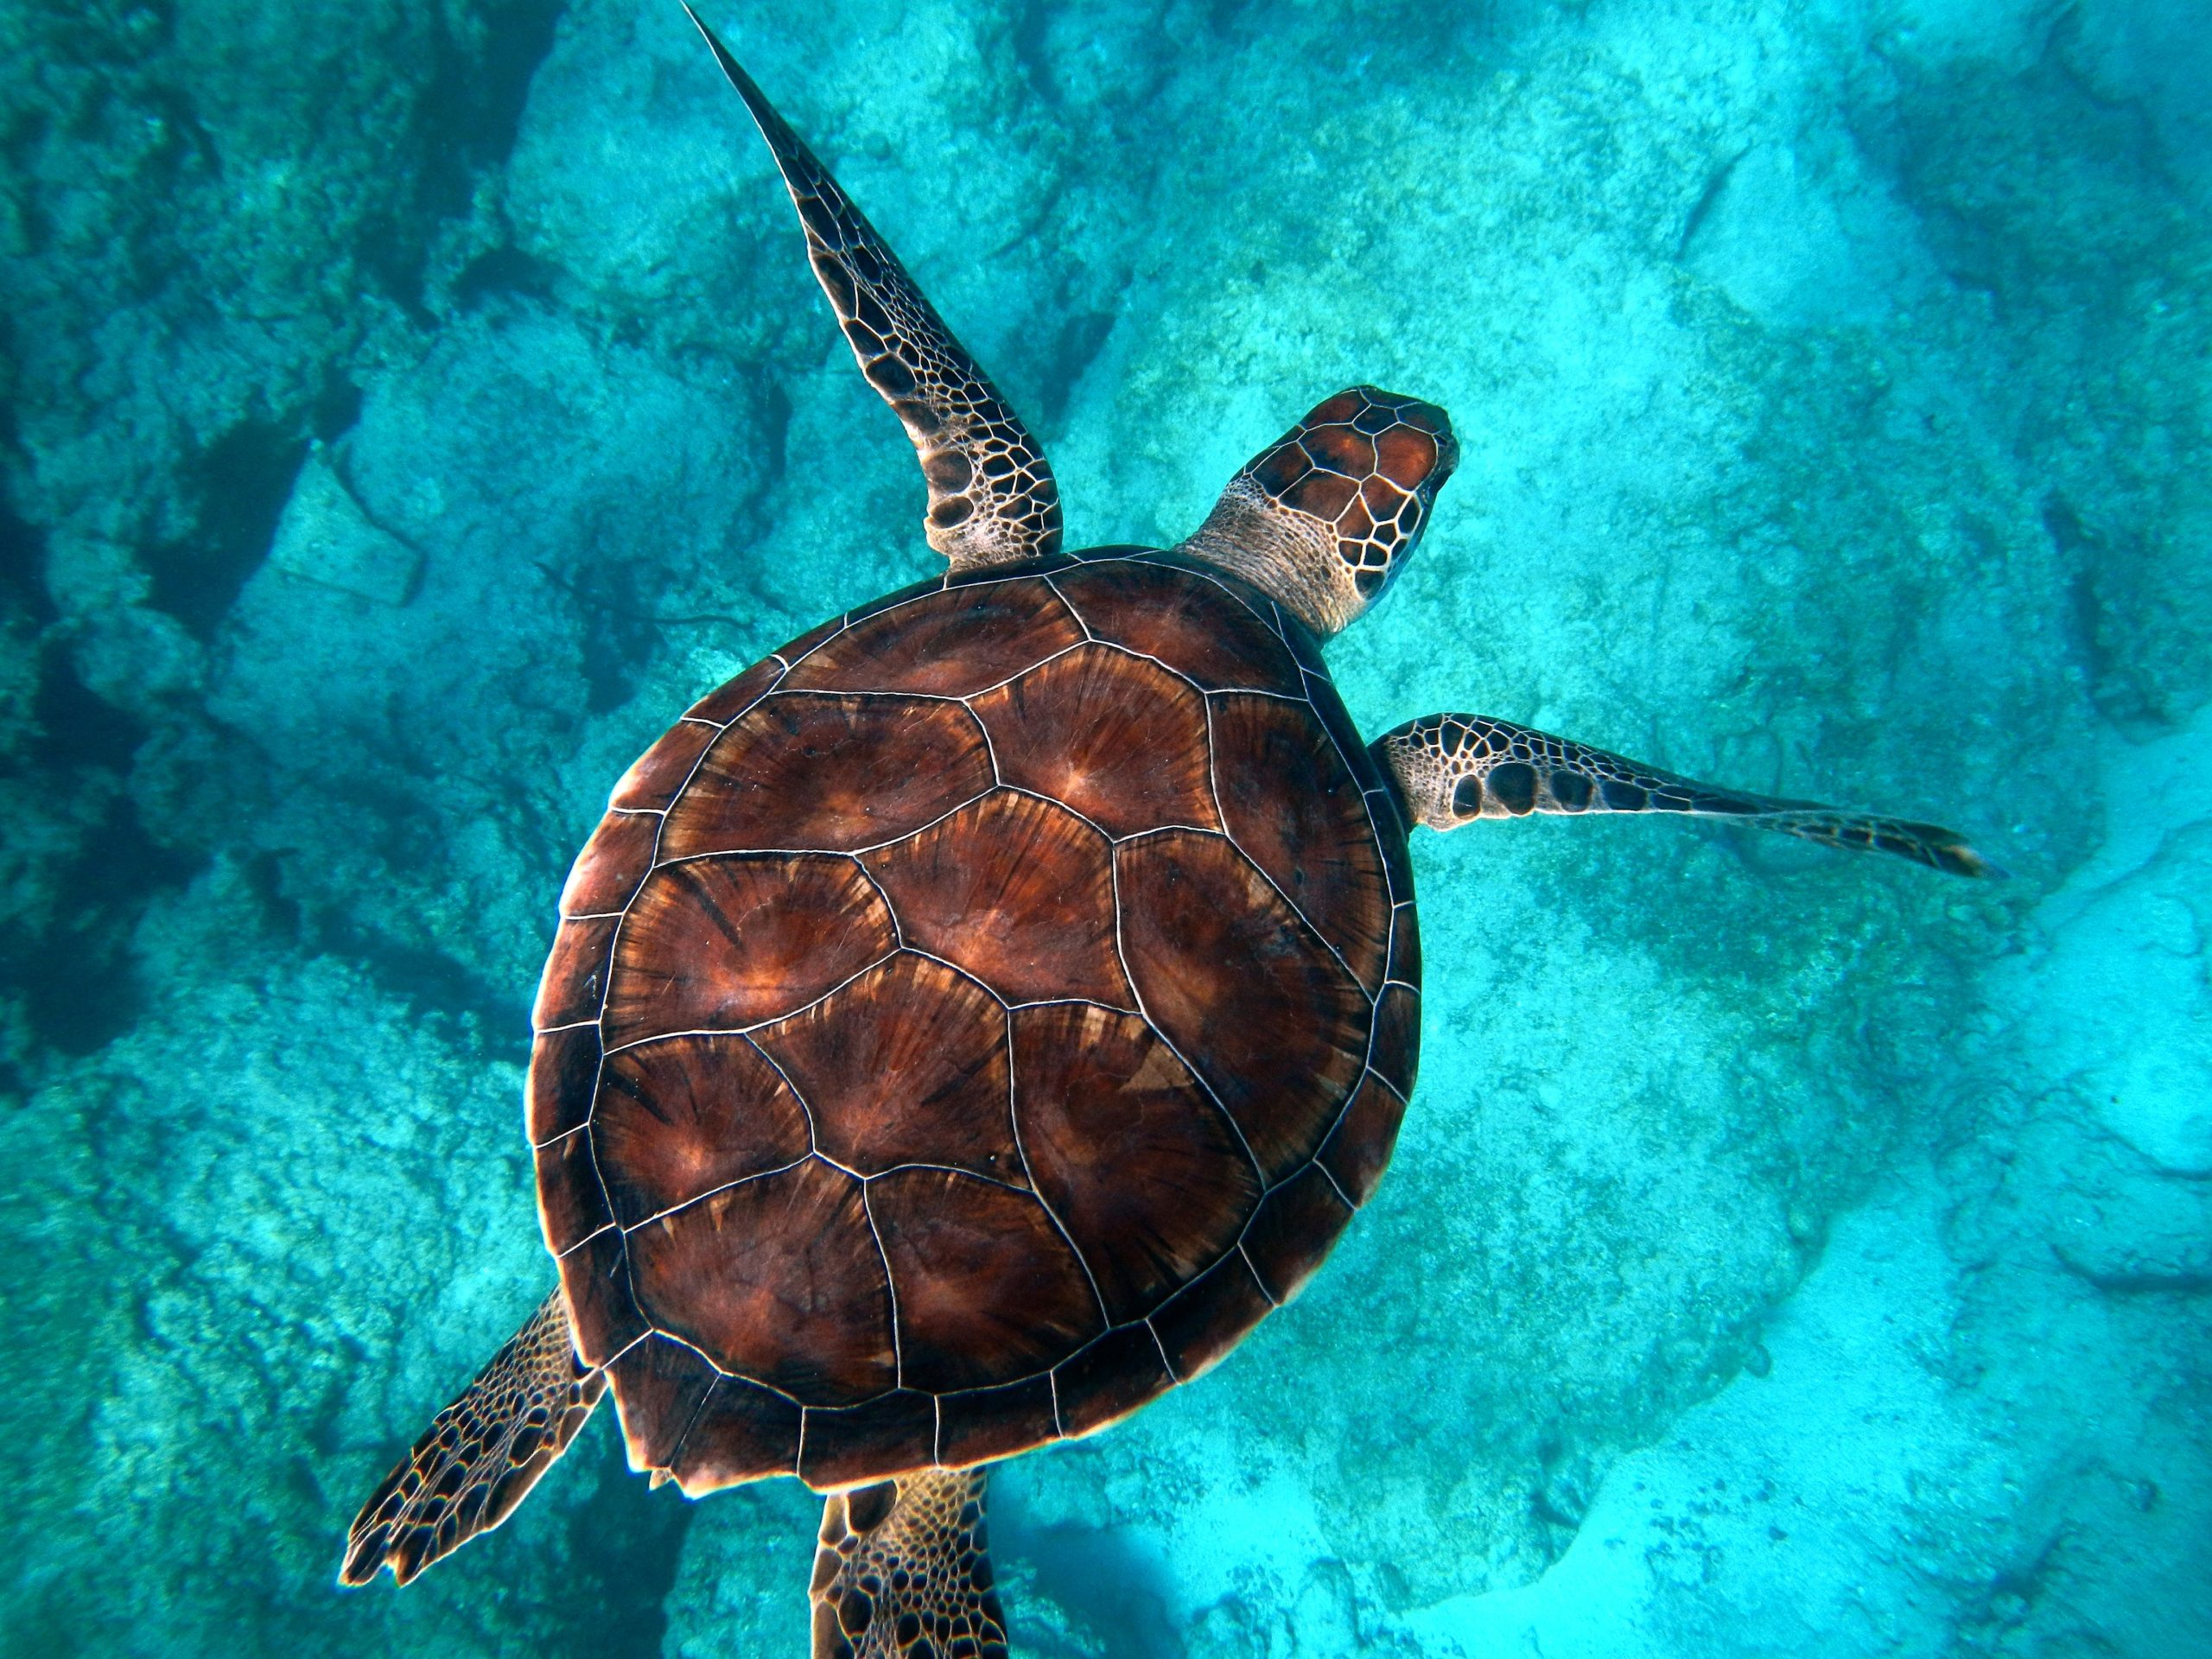 ¿Por qué las tortugas viven tanto tiempo? 1